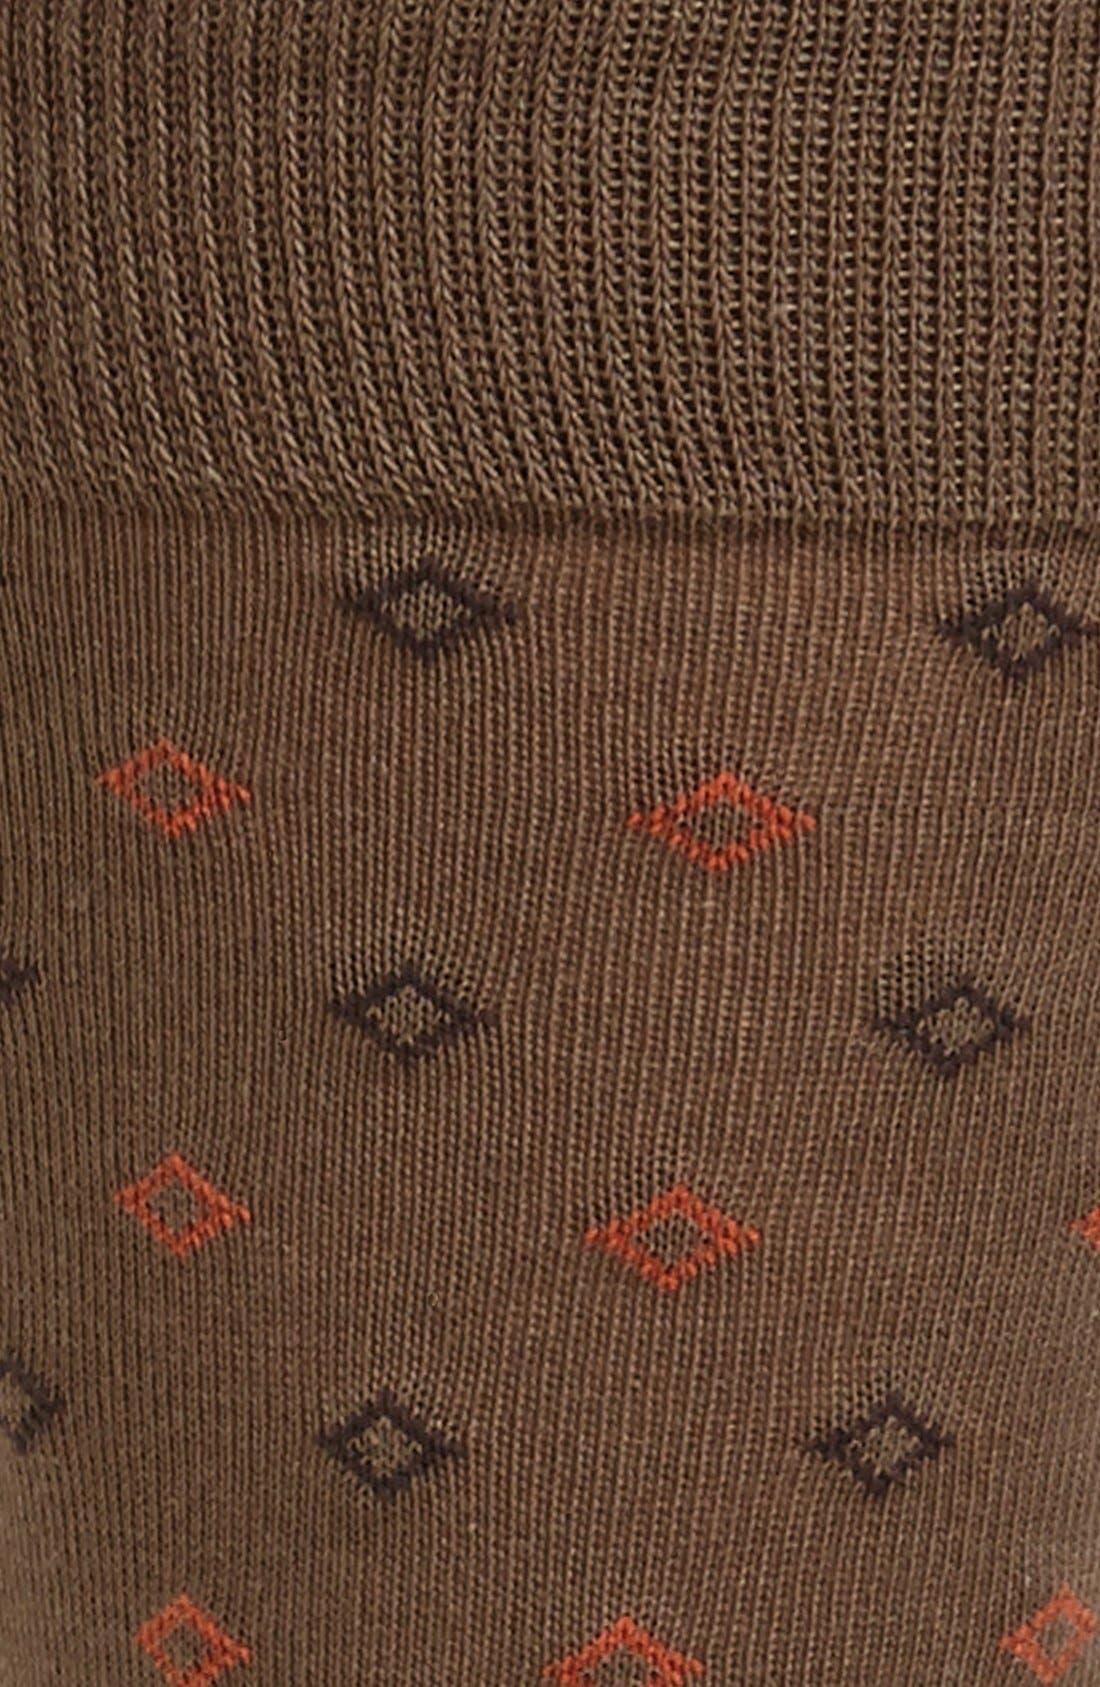 Alternate Image 2  - Cole Haan Diamond Socks